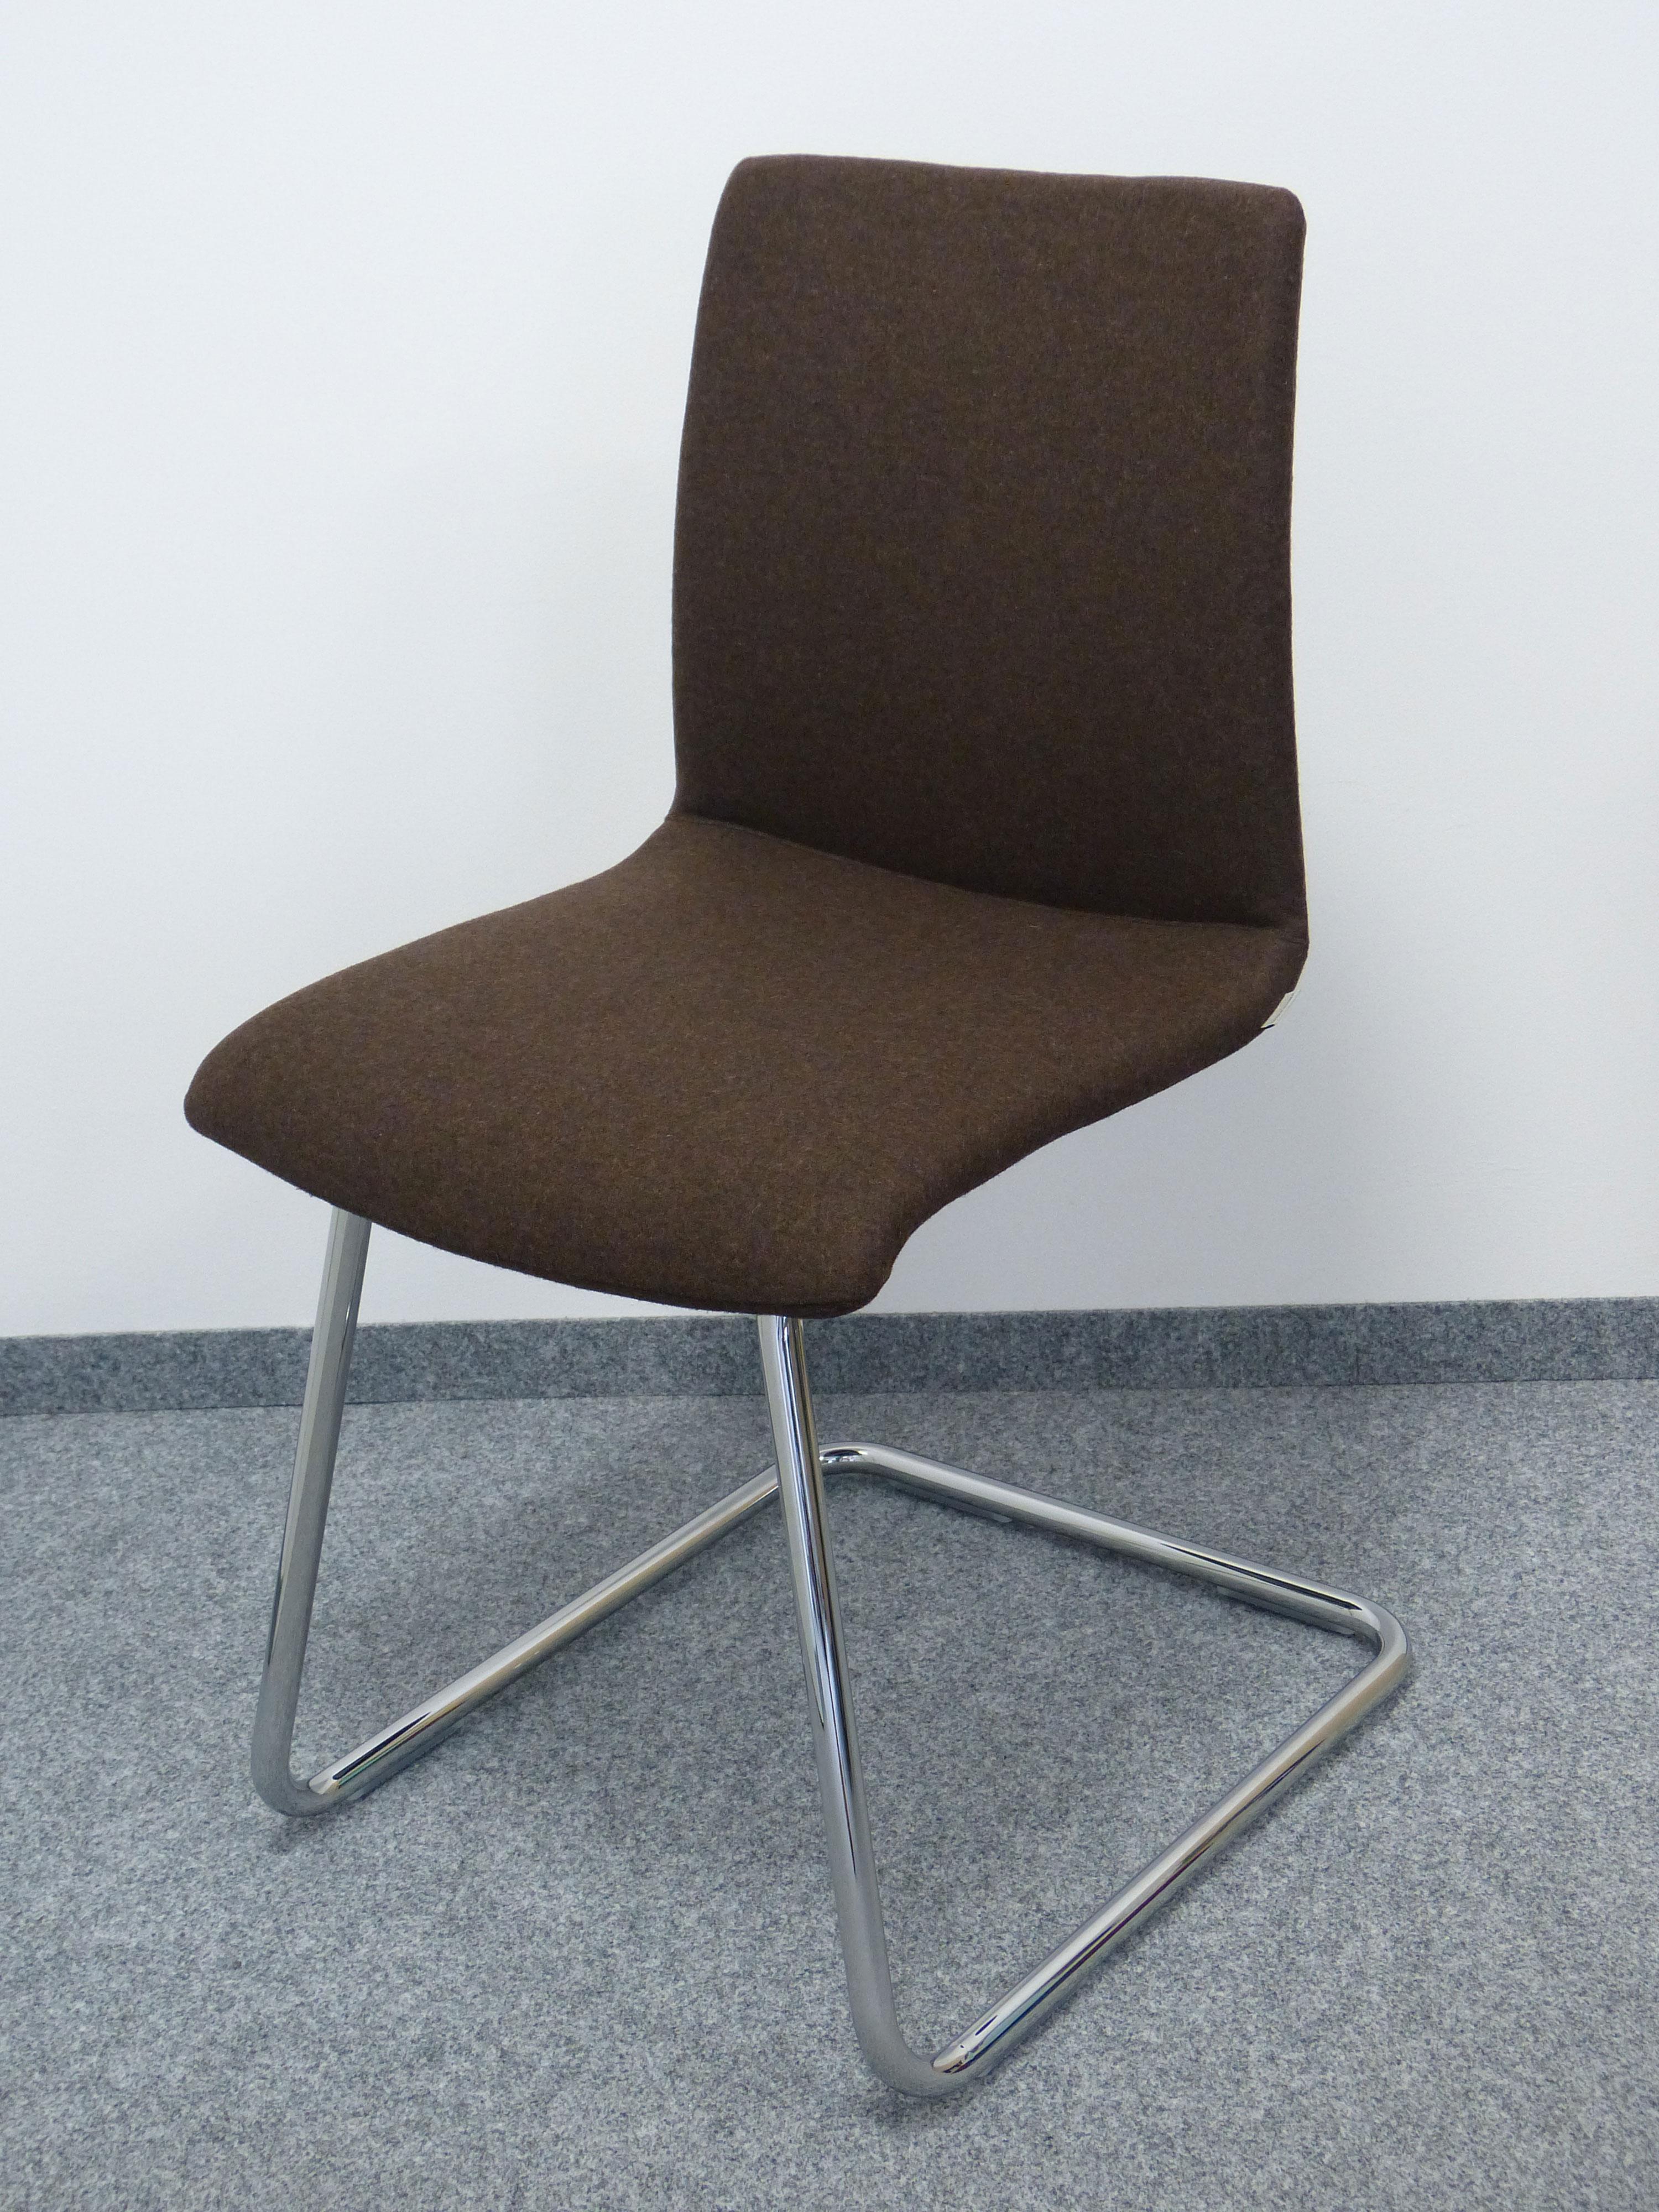 Ronald schmitt design 4er set stuhl tetra rst 61 for Ronald schmitt